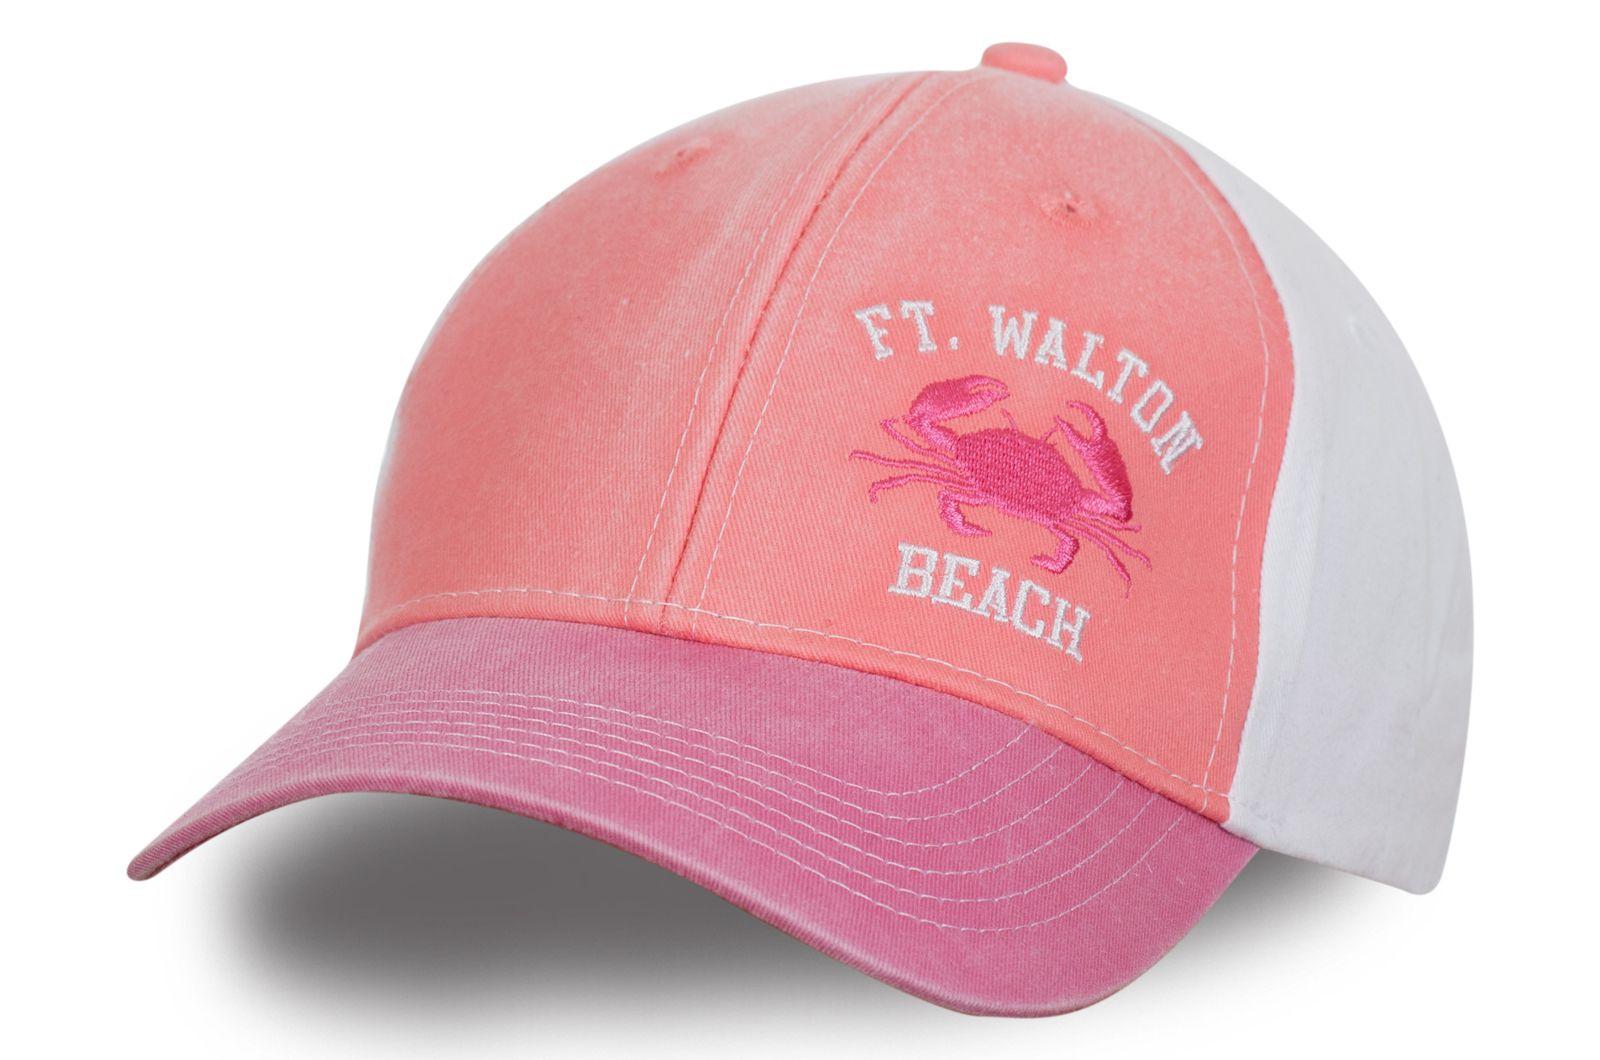 Девчачья кепка для пляжа | Купить пляжную кепку недорого